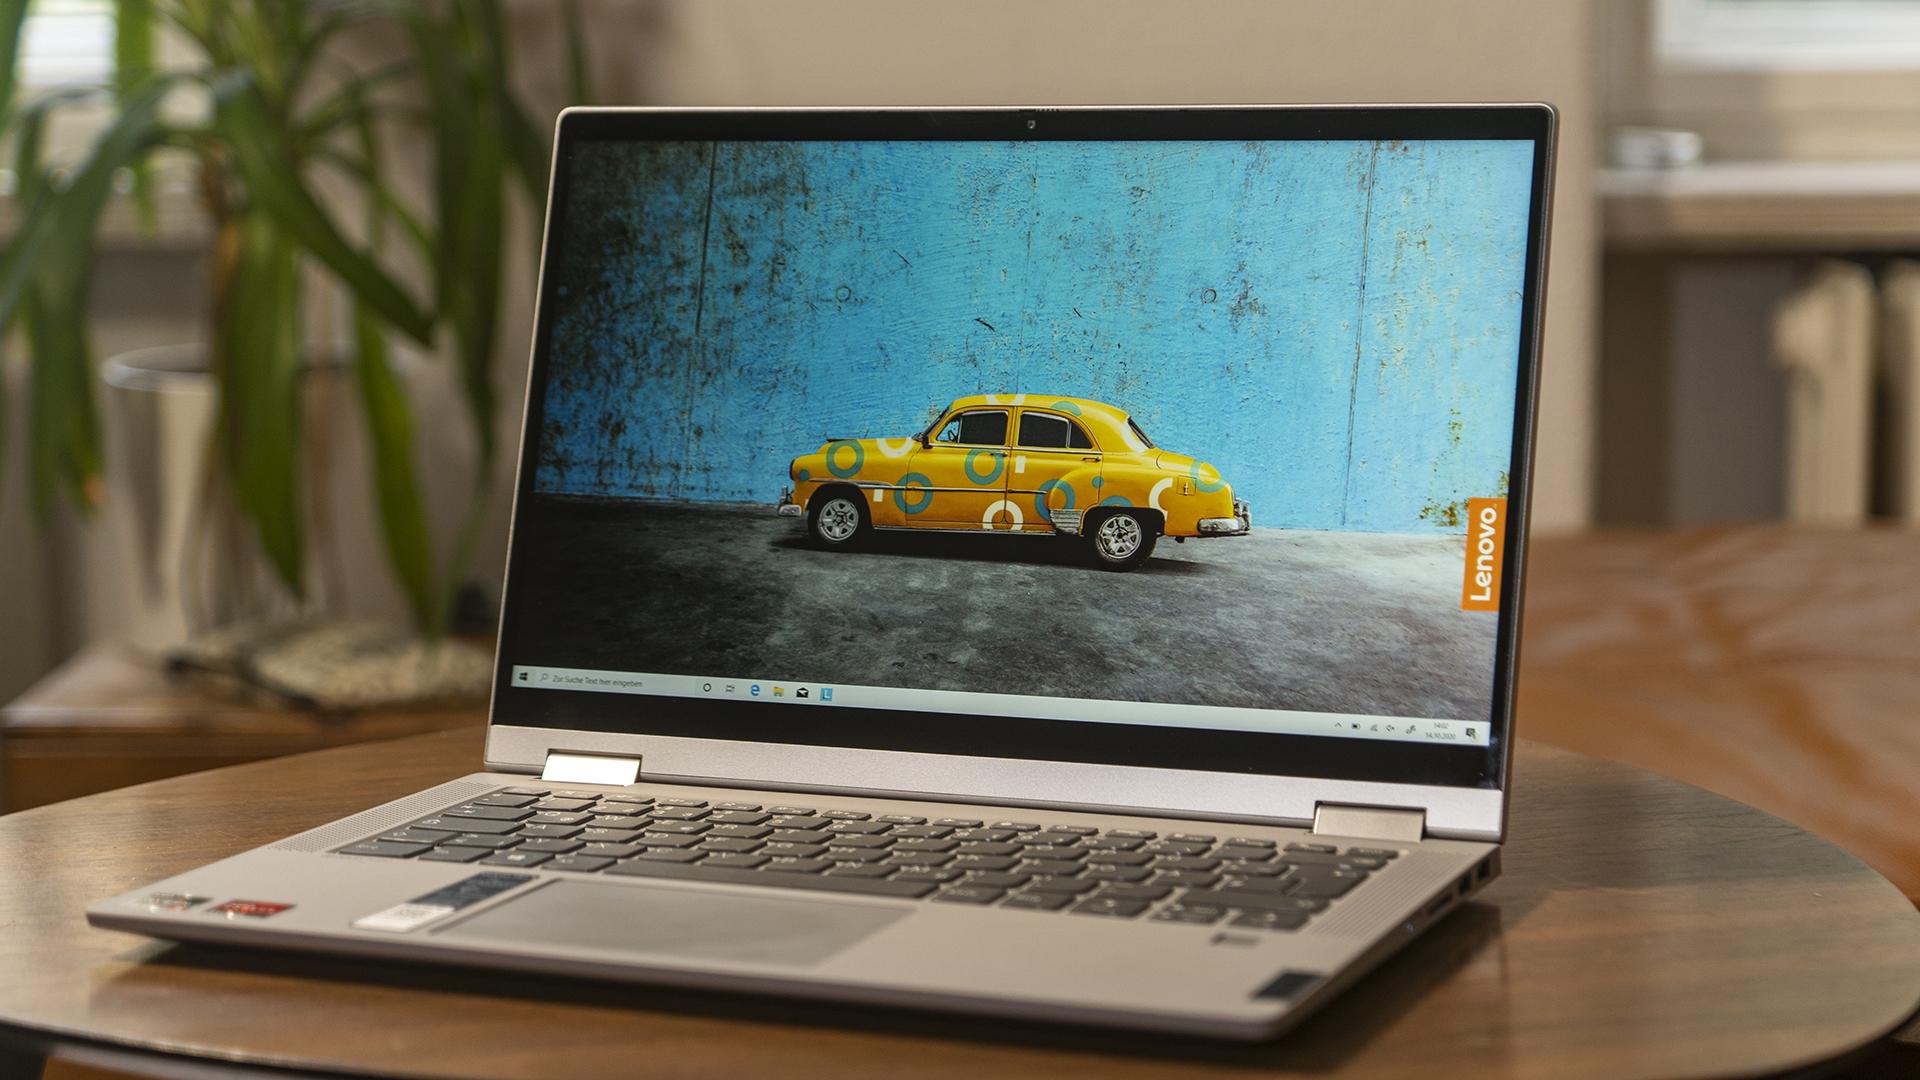 Lenovo IdeaPad Flex 5 Aufmacher vielleicht